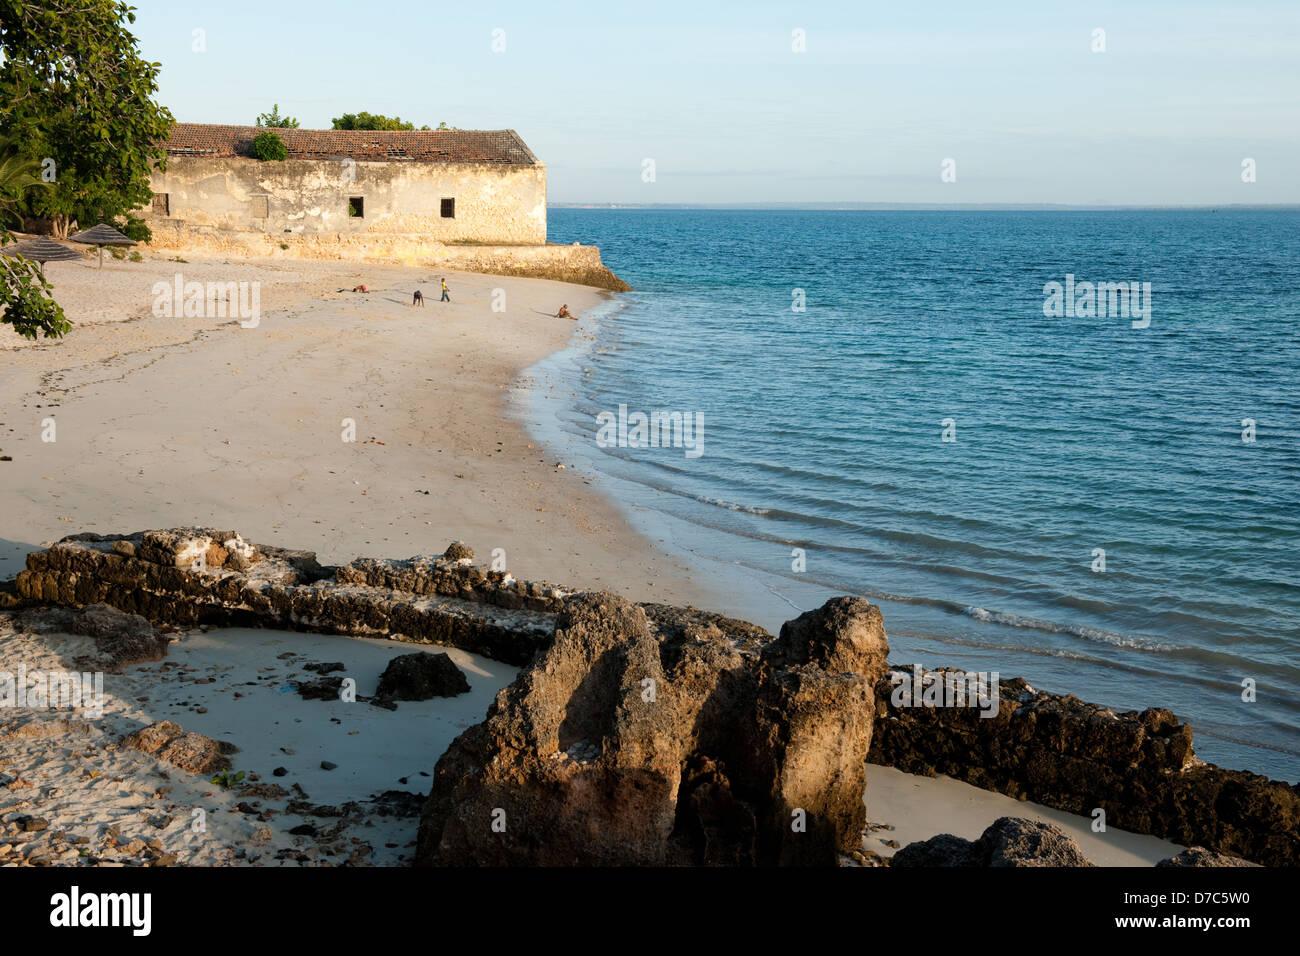 Spiaggia, Ilha do Mocambique, Mozambico Immagini Stock